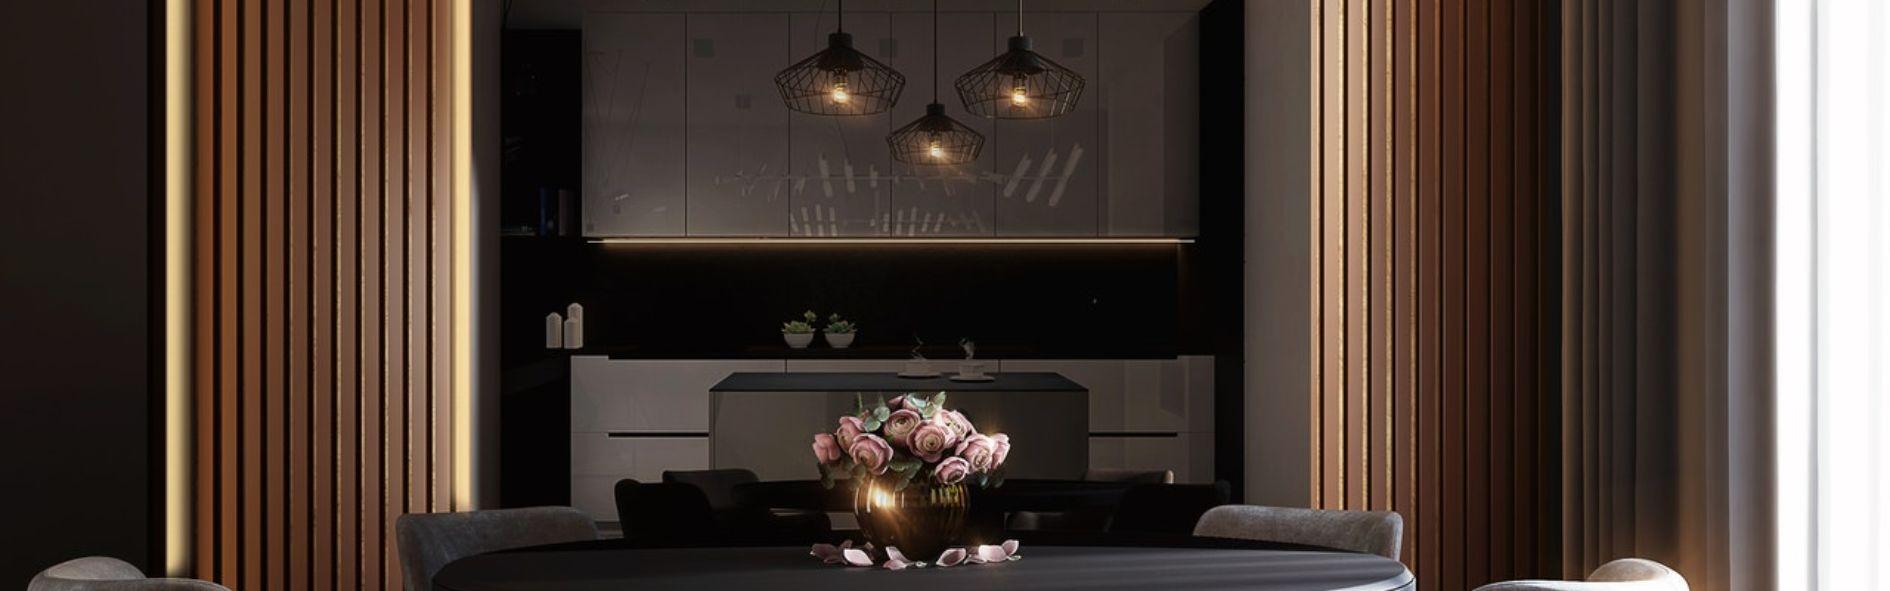 Conoce las claves de la decoración industrial en el hogar